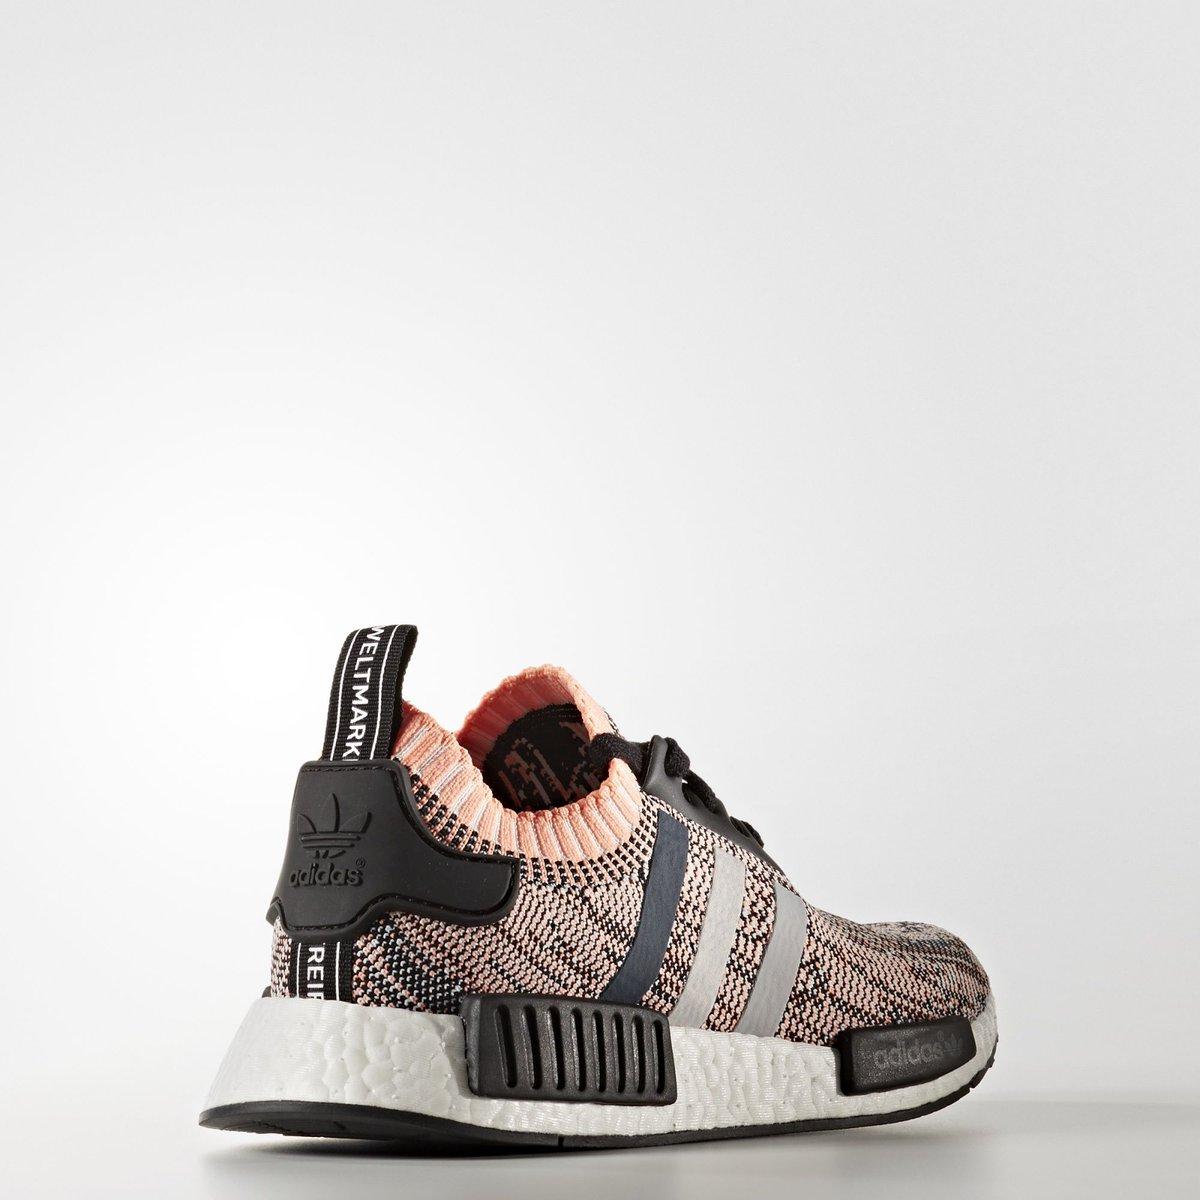 7cd613a338747 Sneaker Shouts™ on Twitter